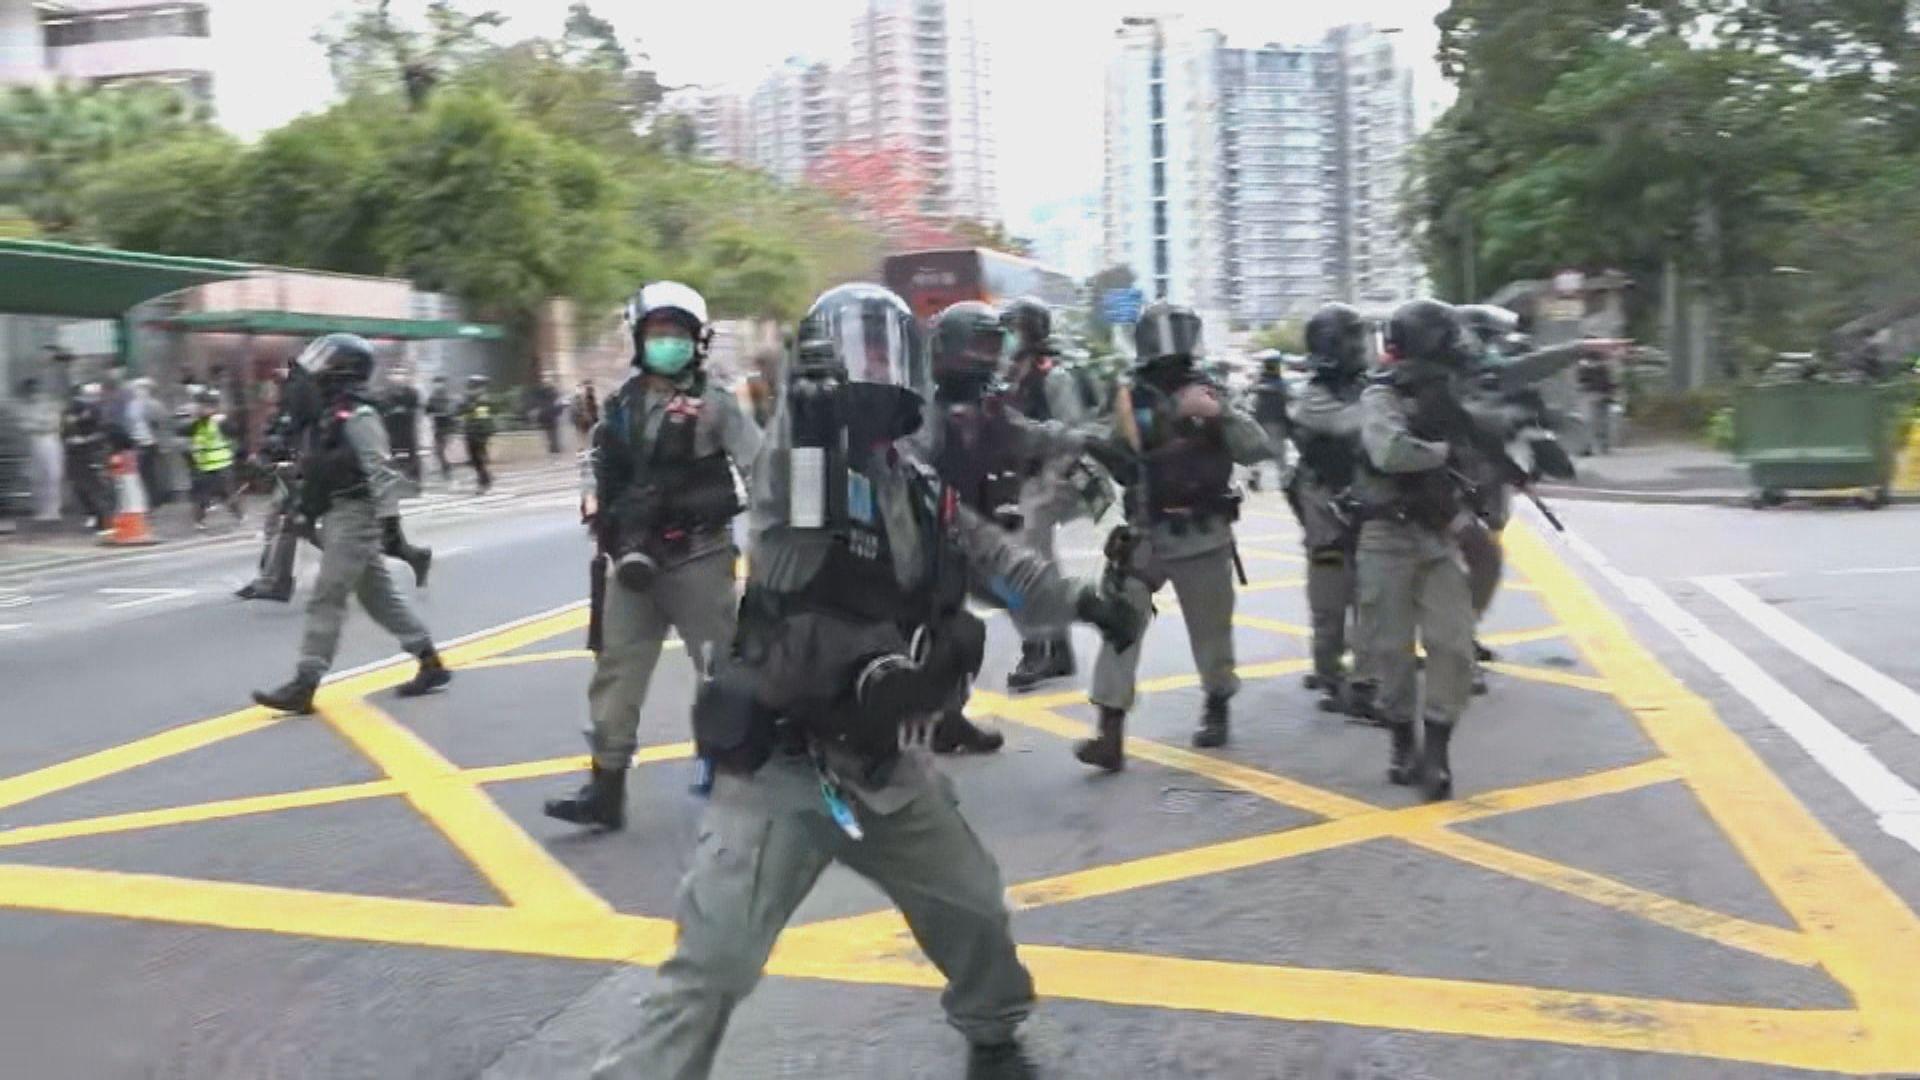 警方大埔驅趕行動 本台採訪隊被胡椒噴劑噴中